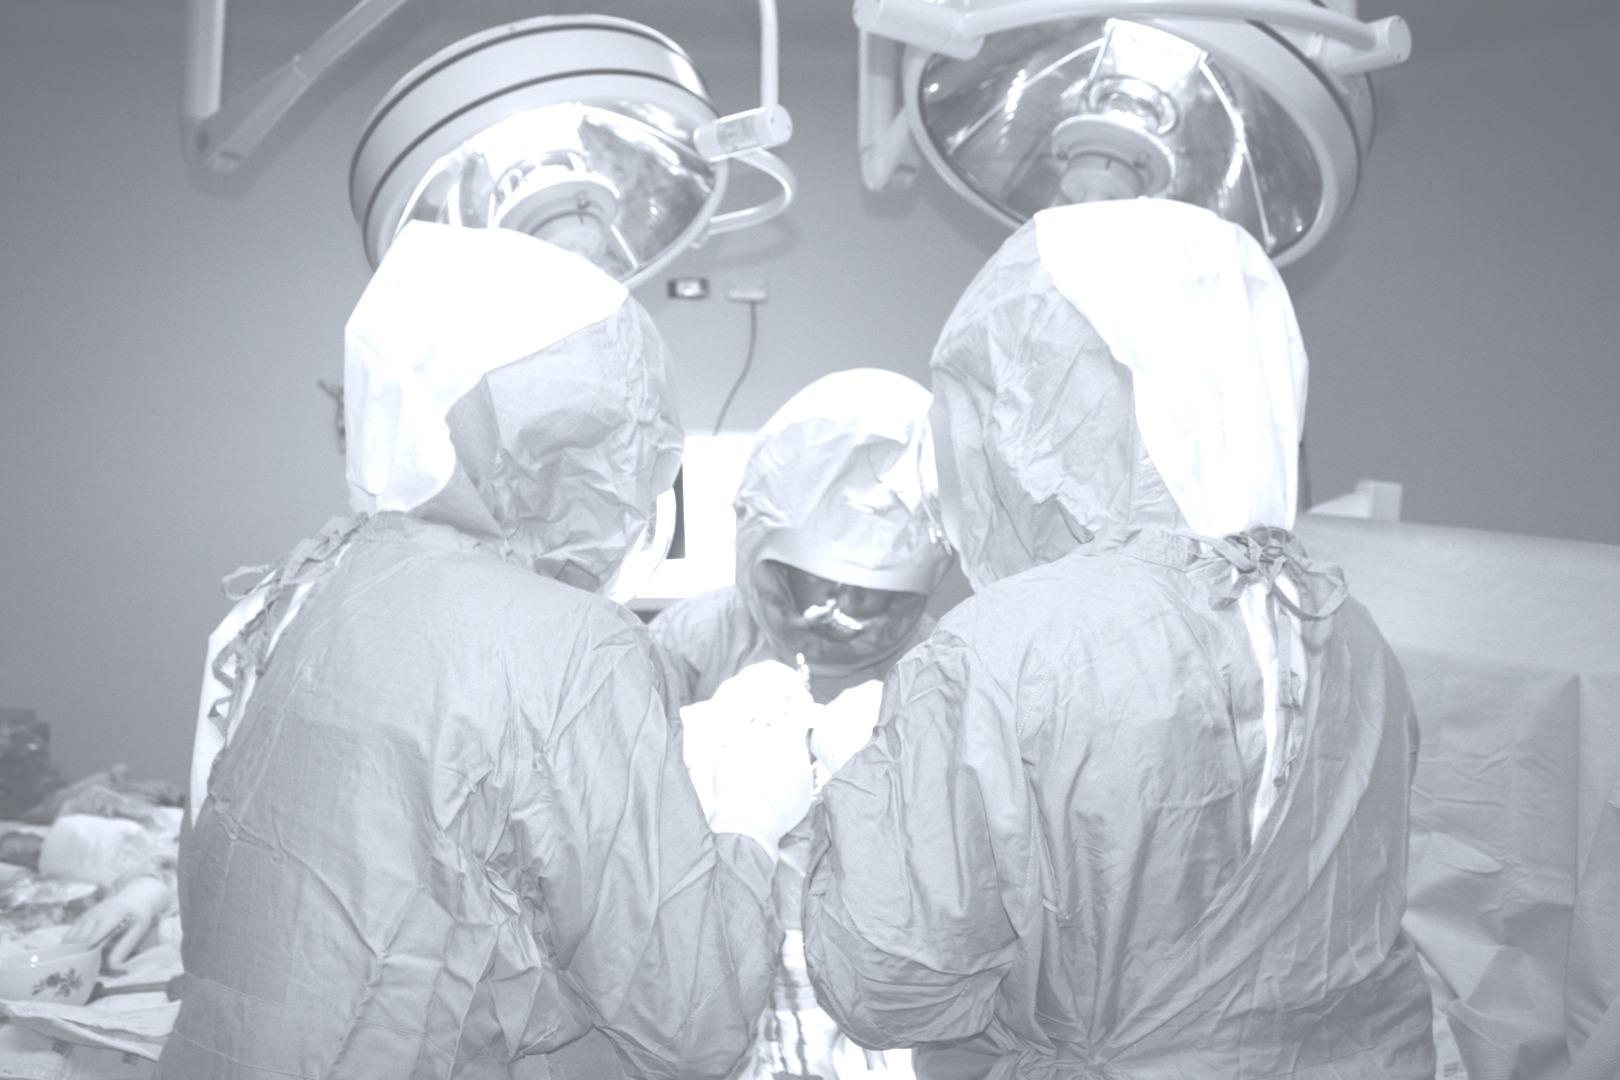 Cirugía de cadera y rodilla | reemplazos articulares